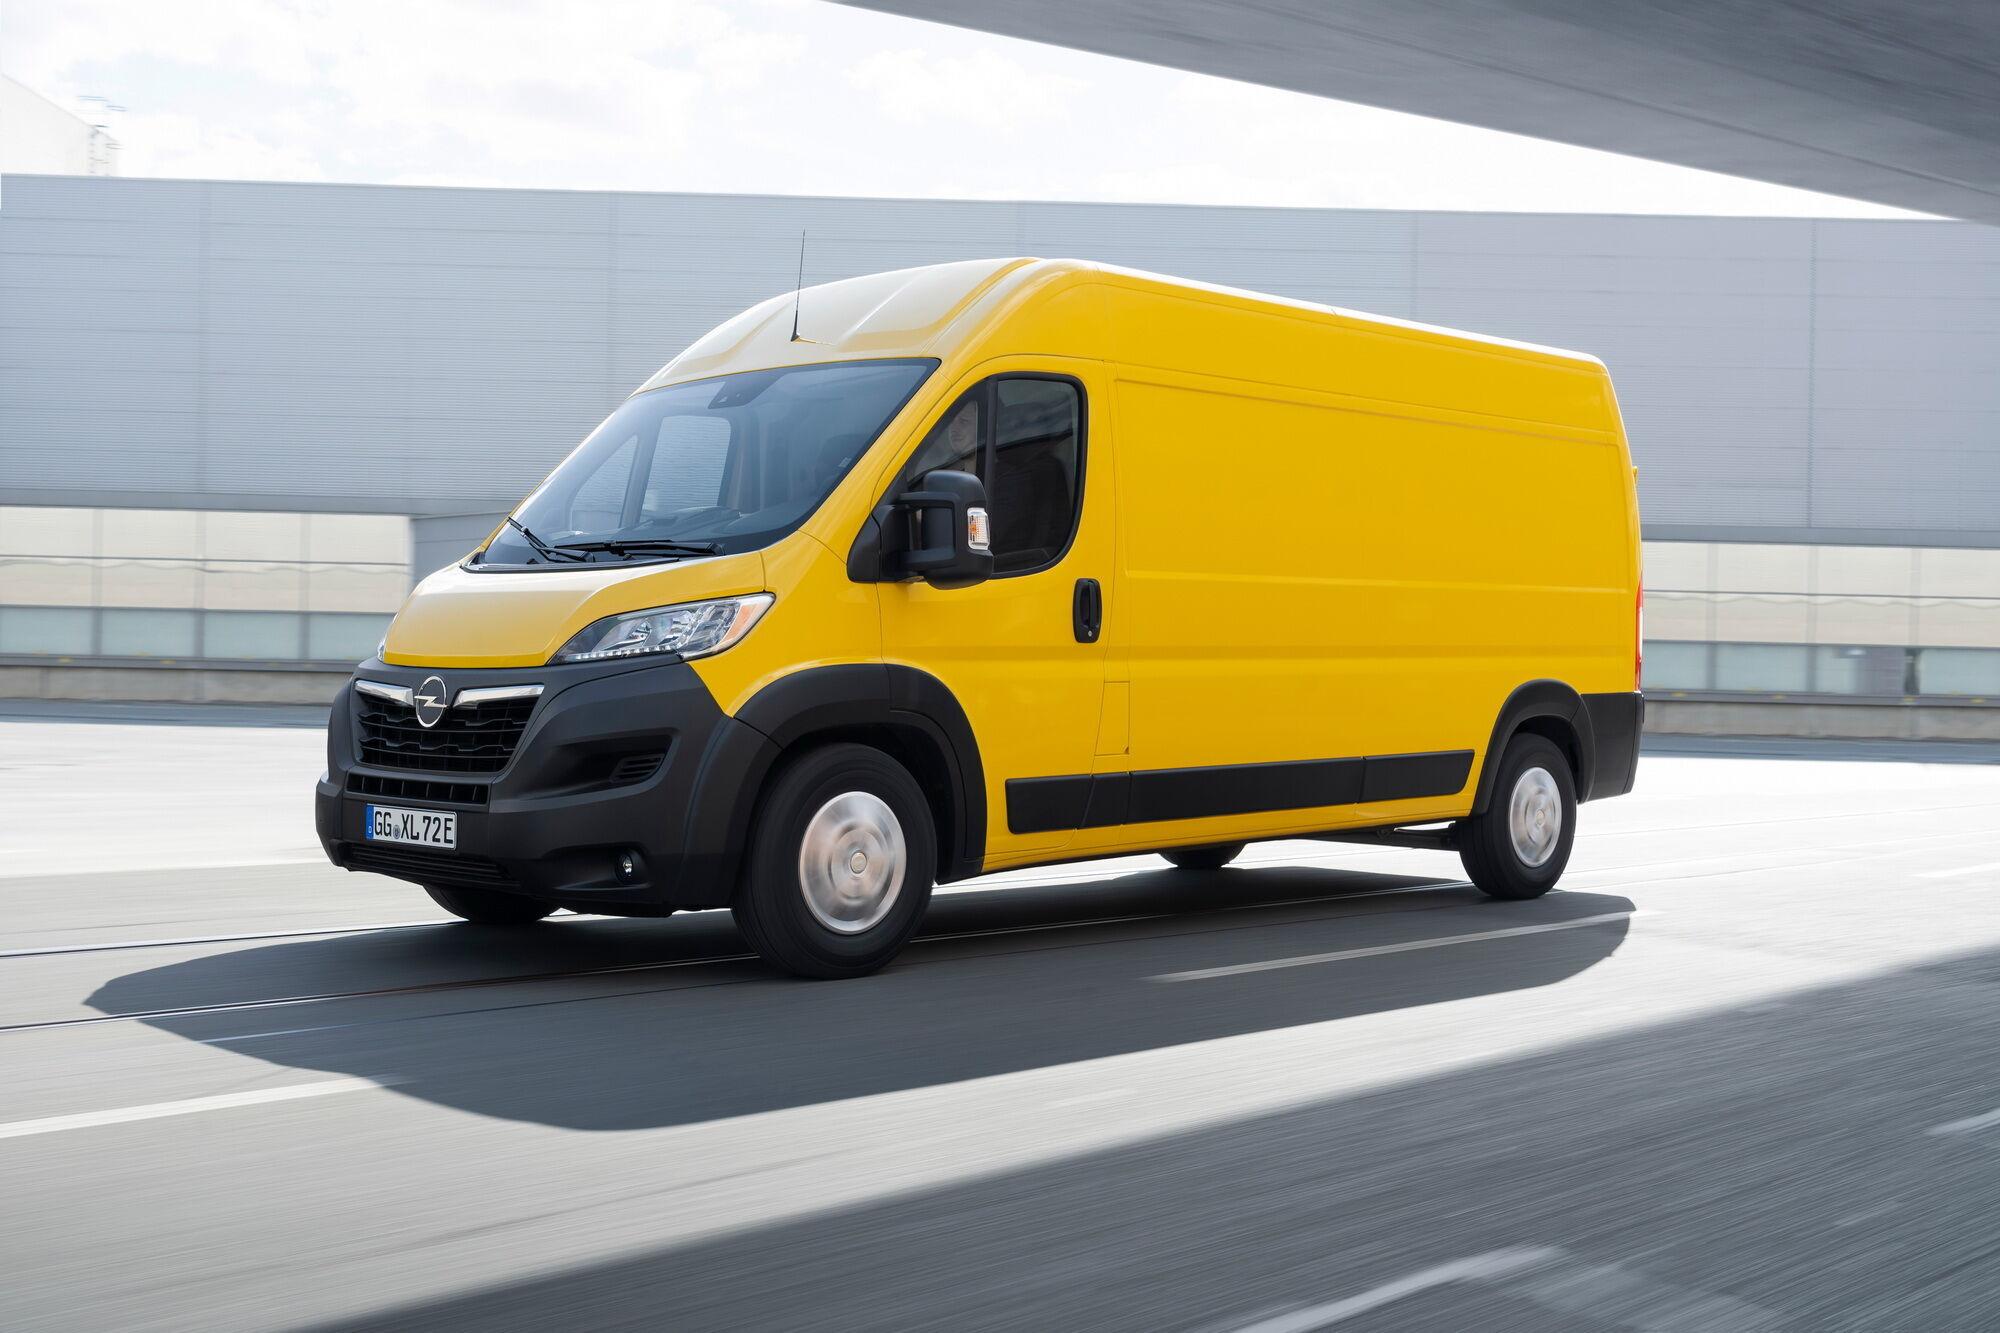 Для Movano буде запропонований 2,2-літровий турбодизель, який буде доступний у декількох варіантах потужності – від 120 до 165 к.с.